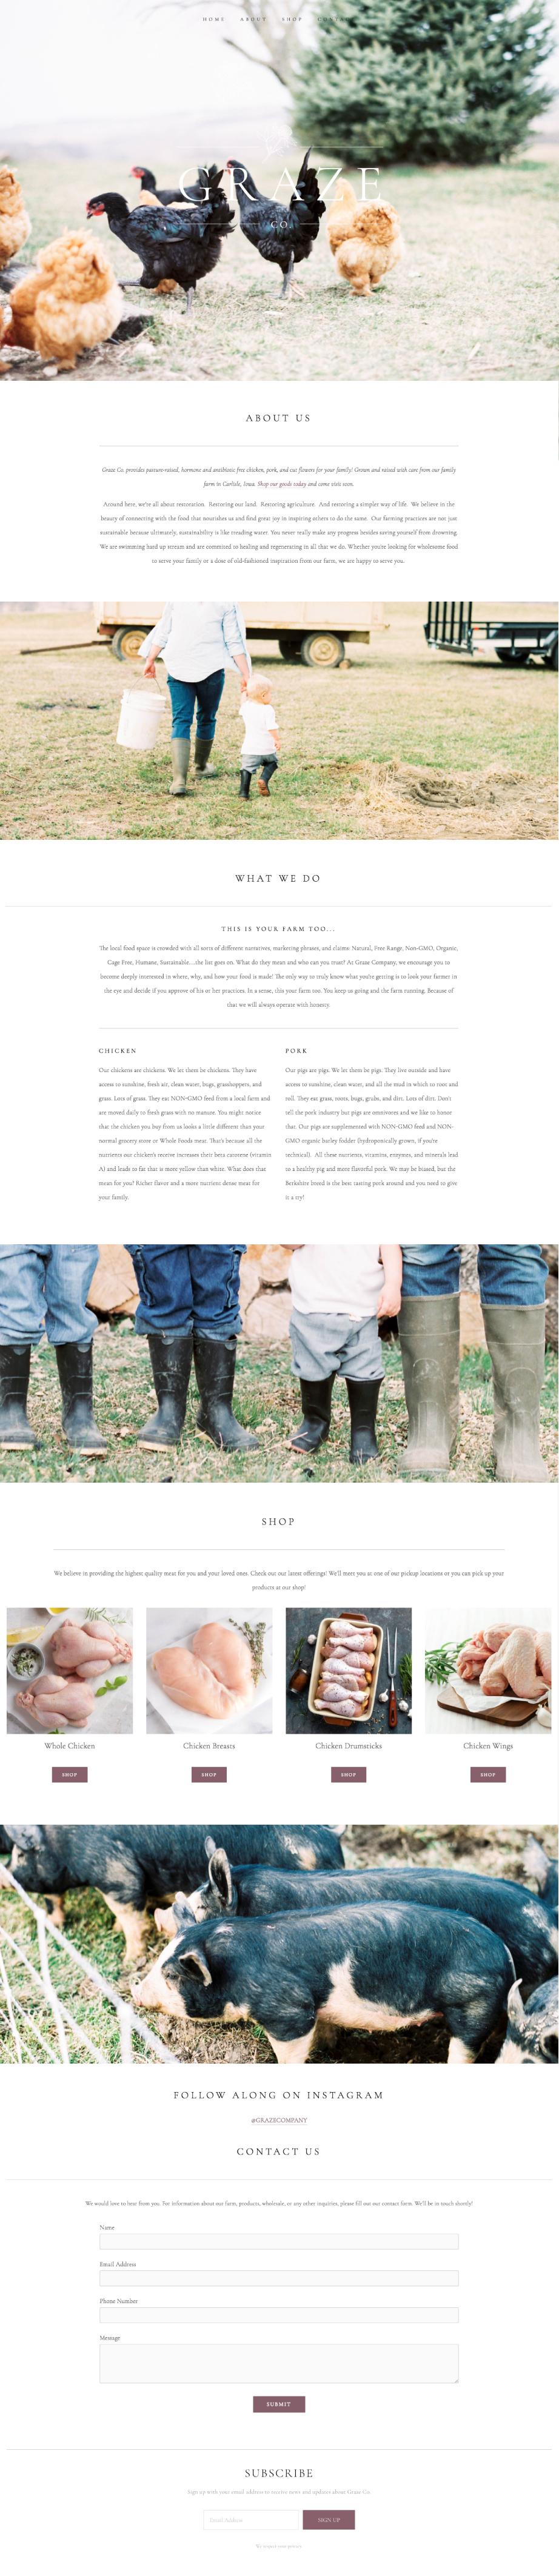 Graze Company organic family farm branding, logo, and website design